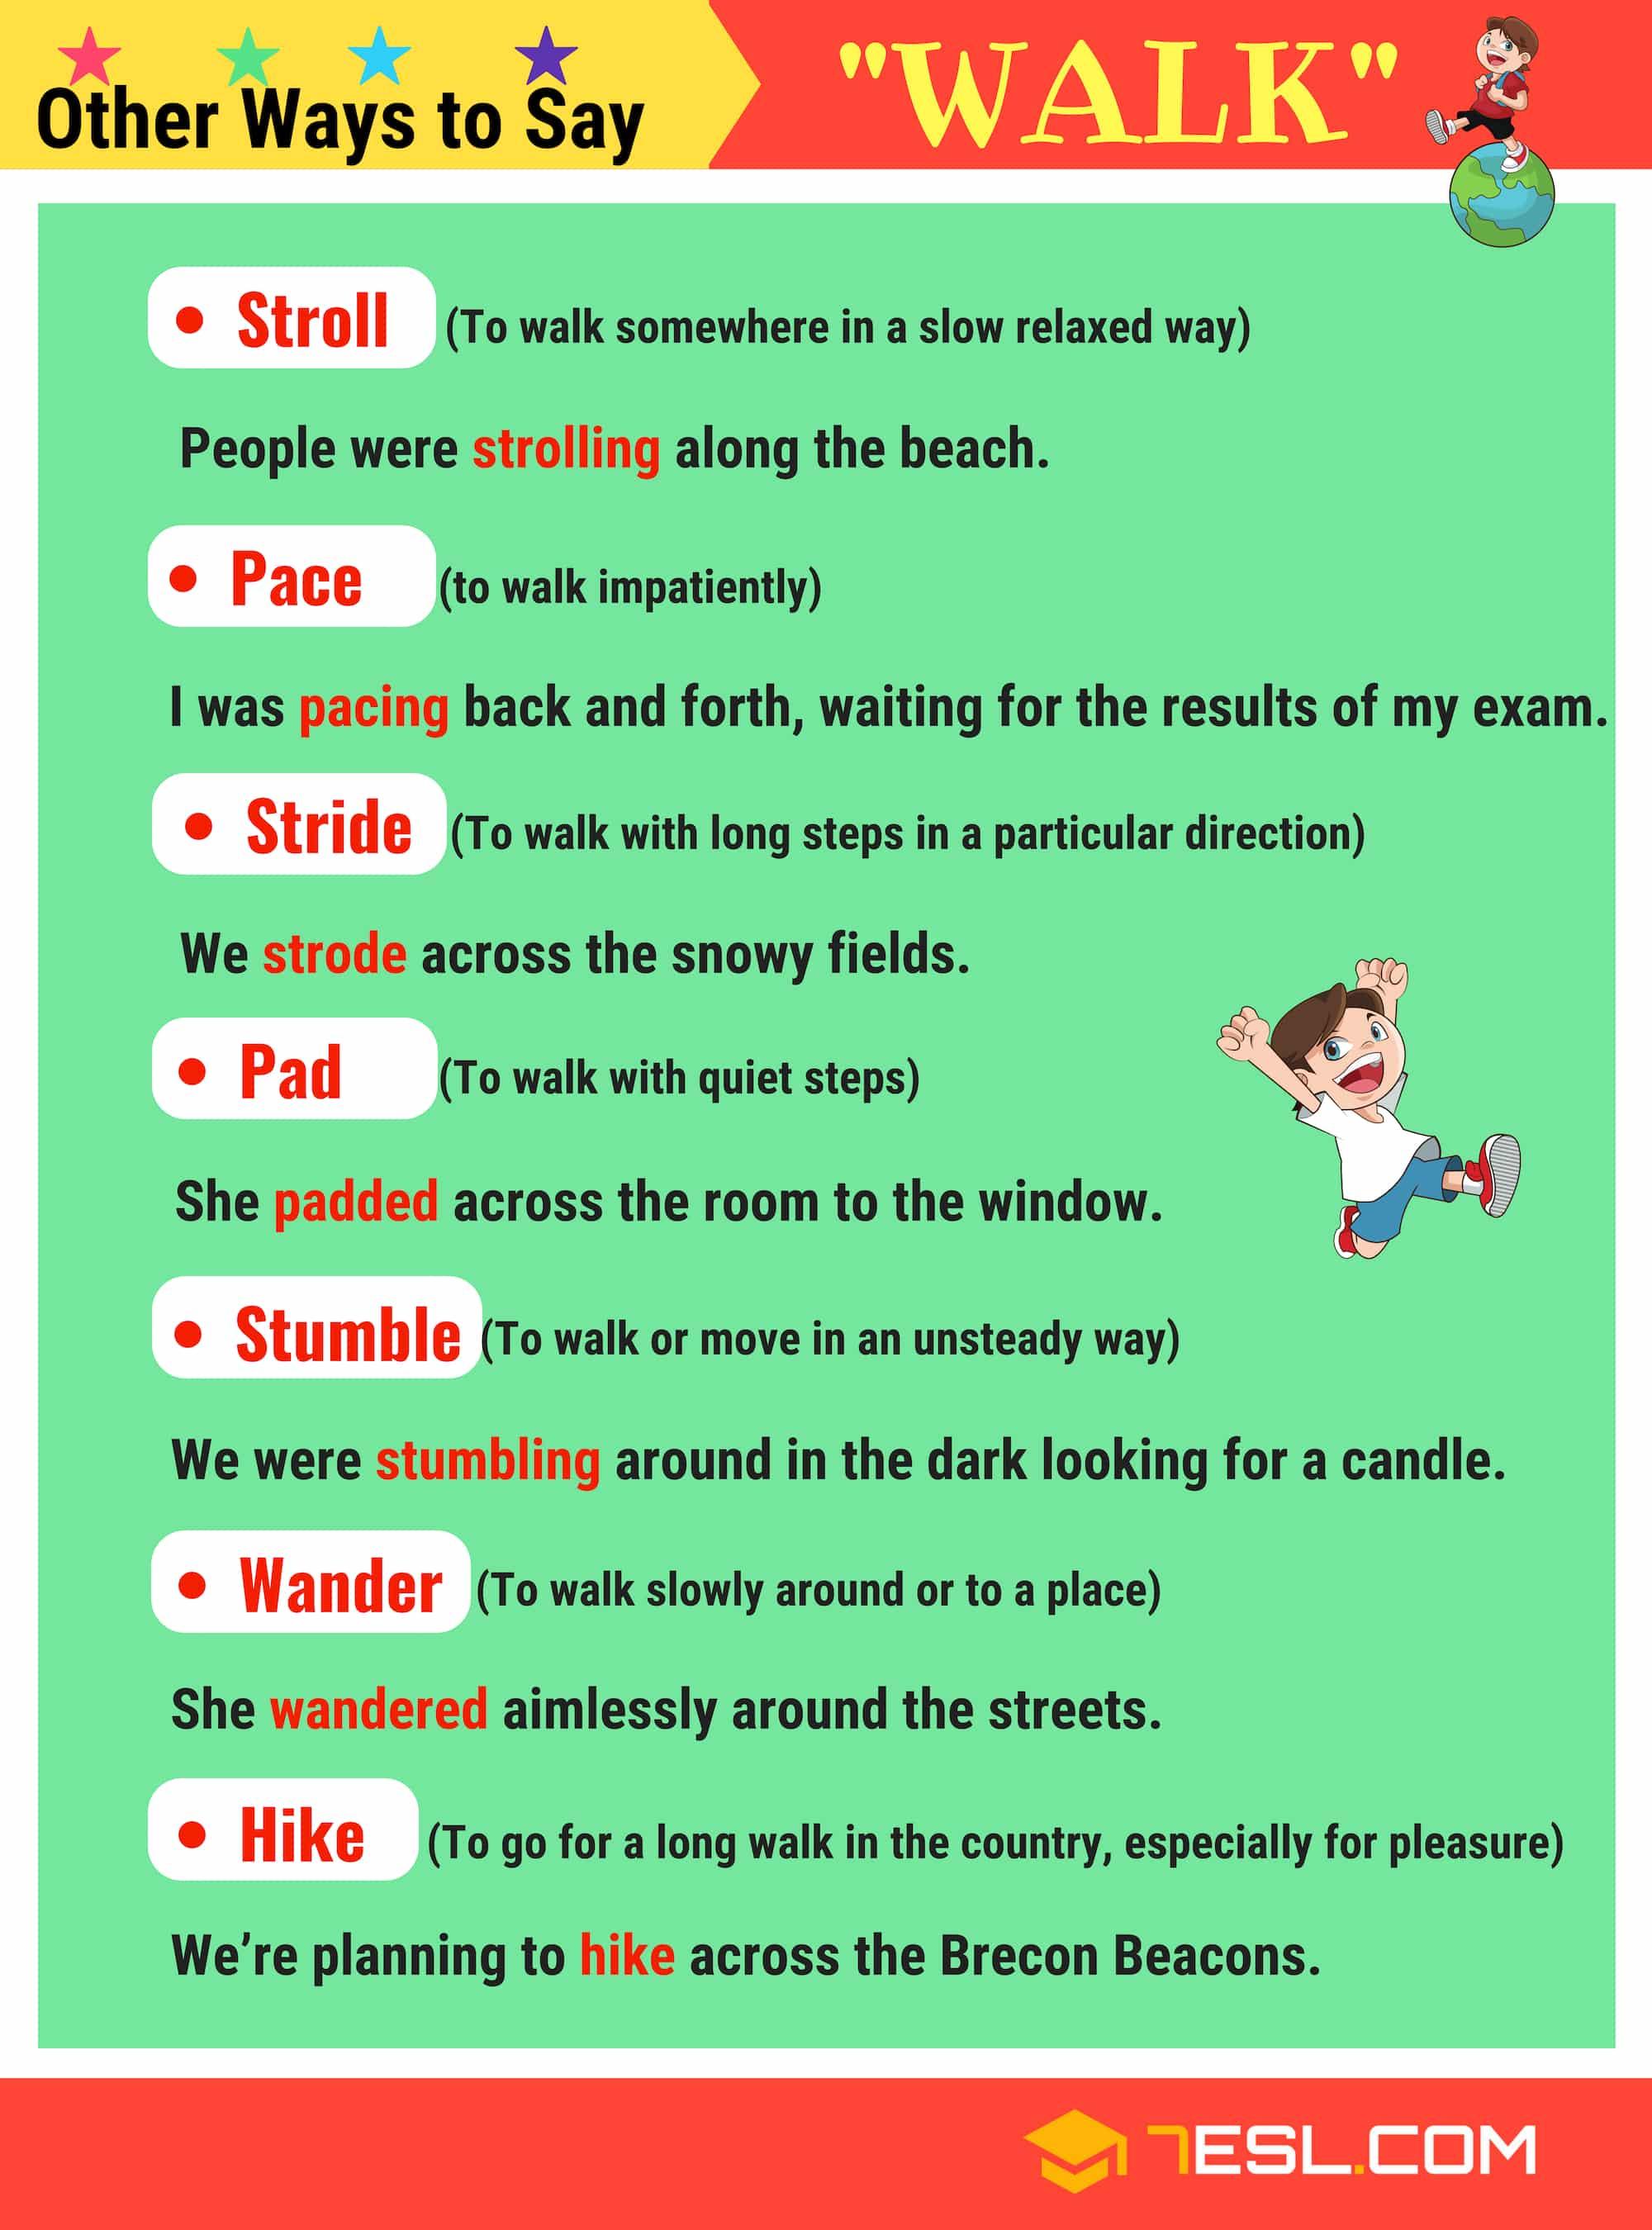 walk synonyms 21 synonyms